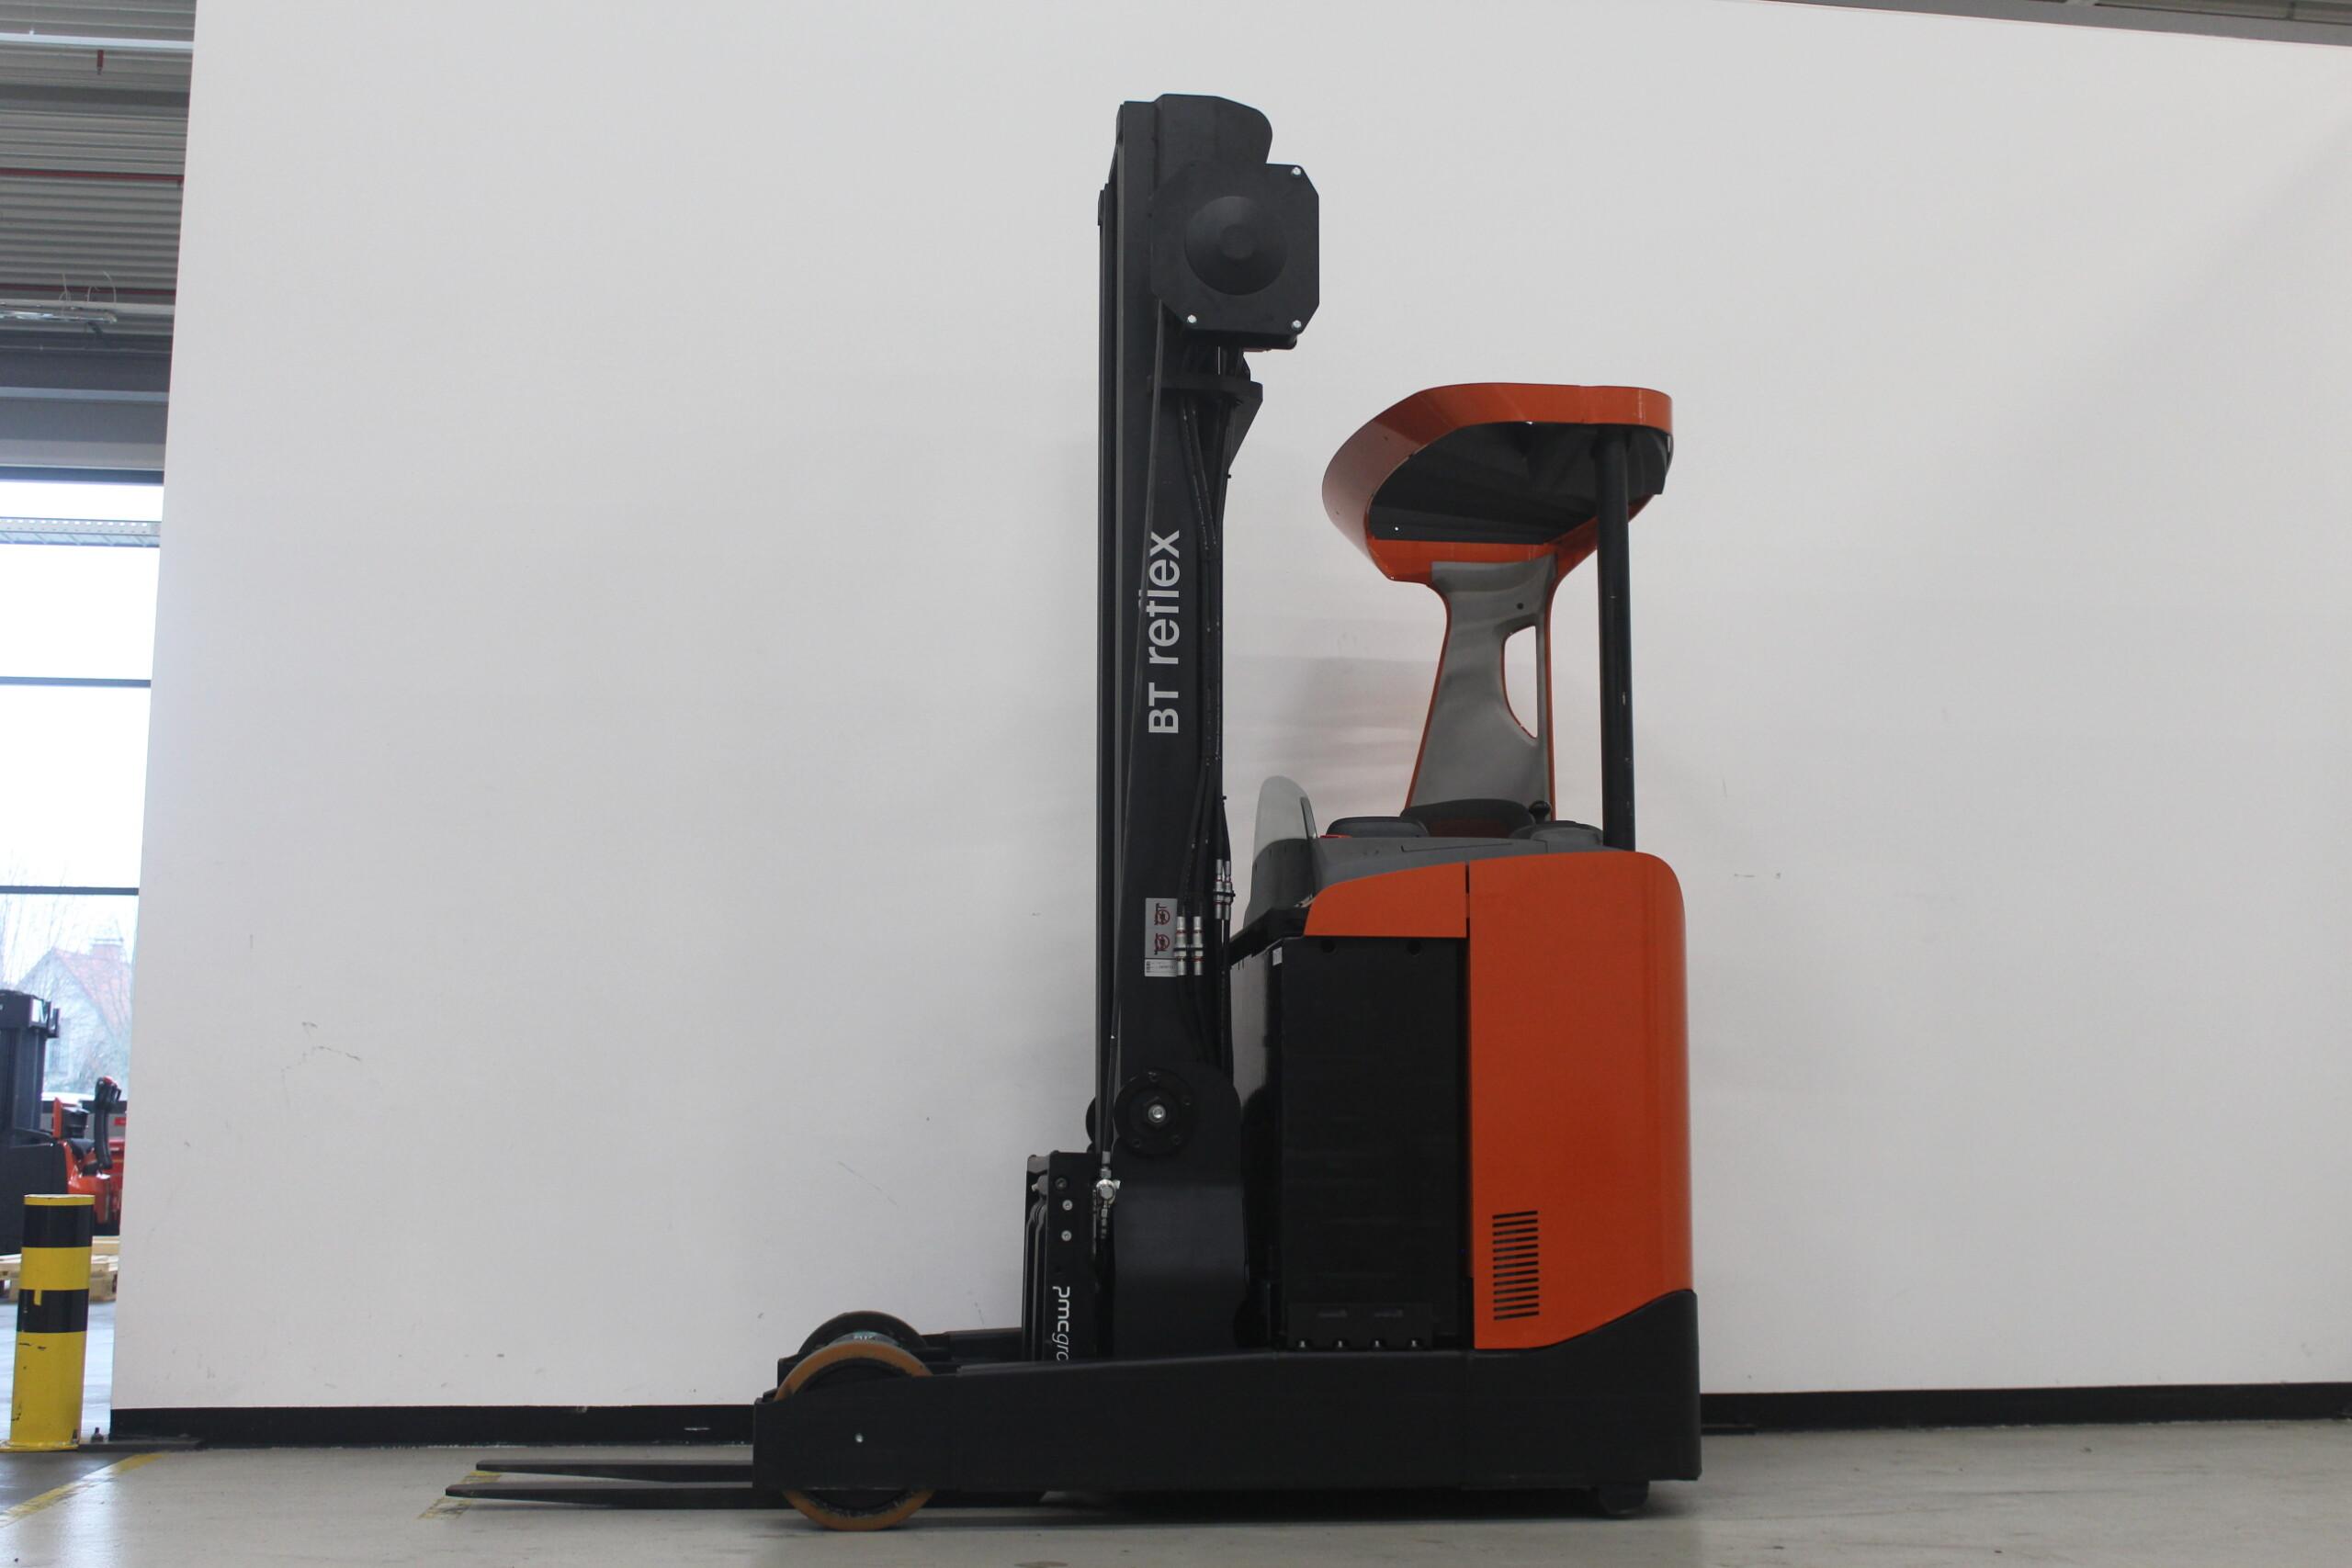 Toyota-Gabelstapler-59840 1403008803 1 43 scaled